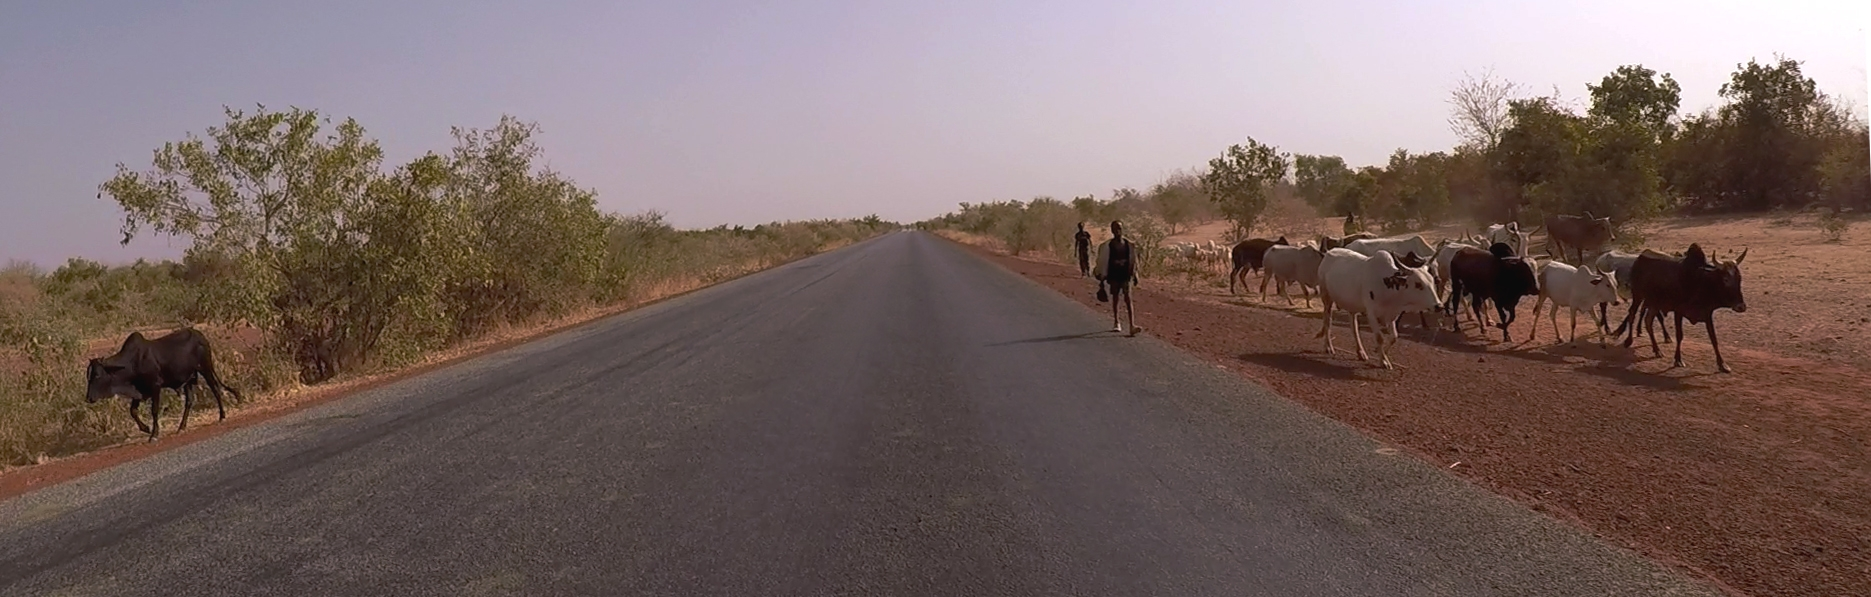 ninos arreando bueyes mali - Mali 2, de Nioro a Ségou